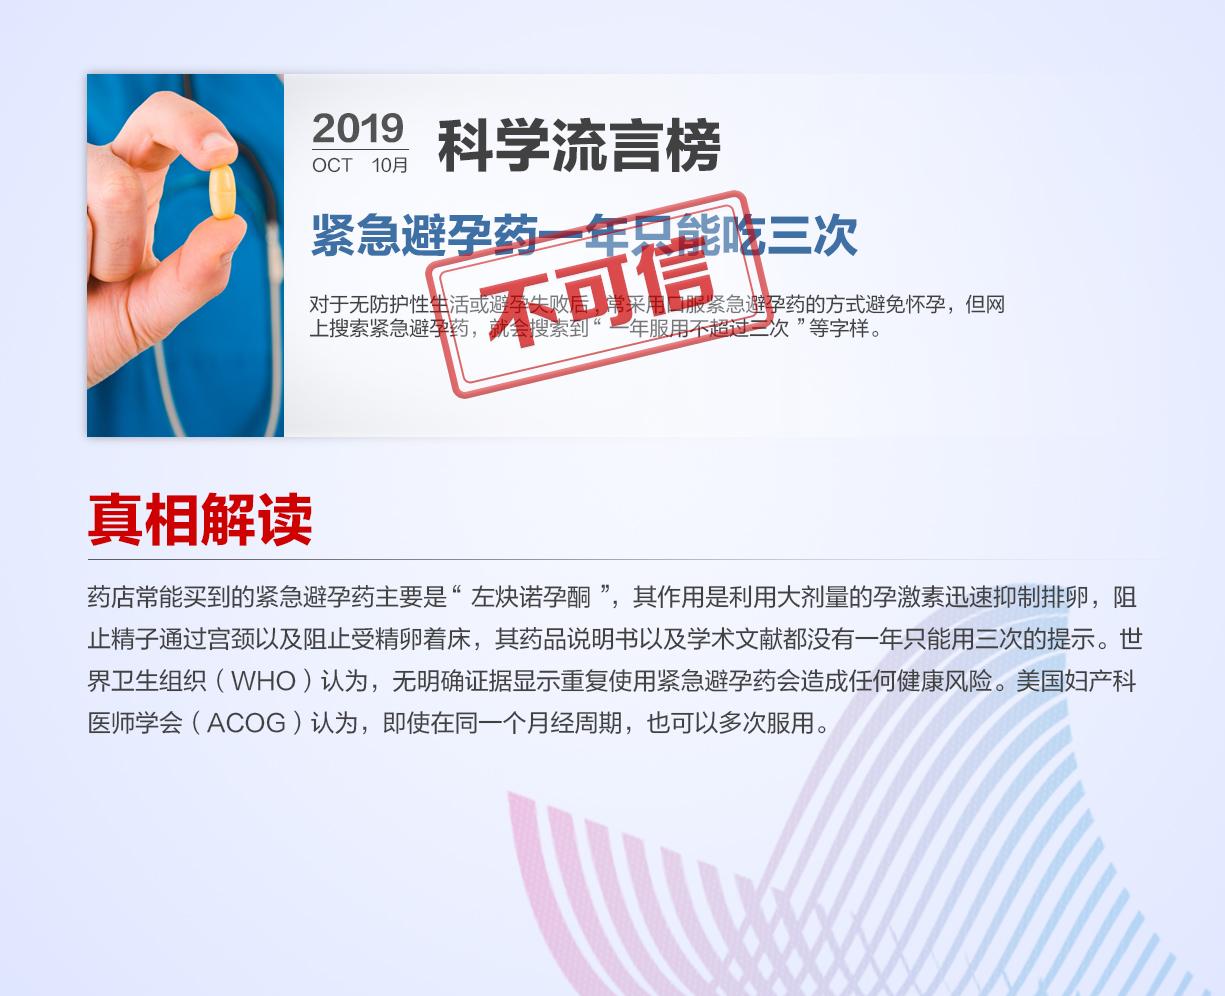 中国科协发布10月